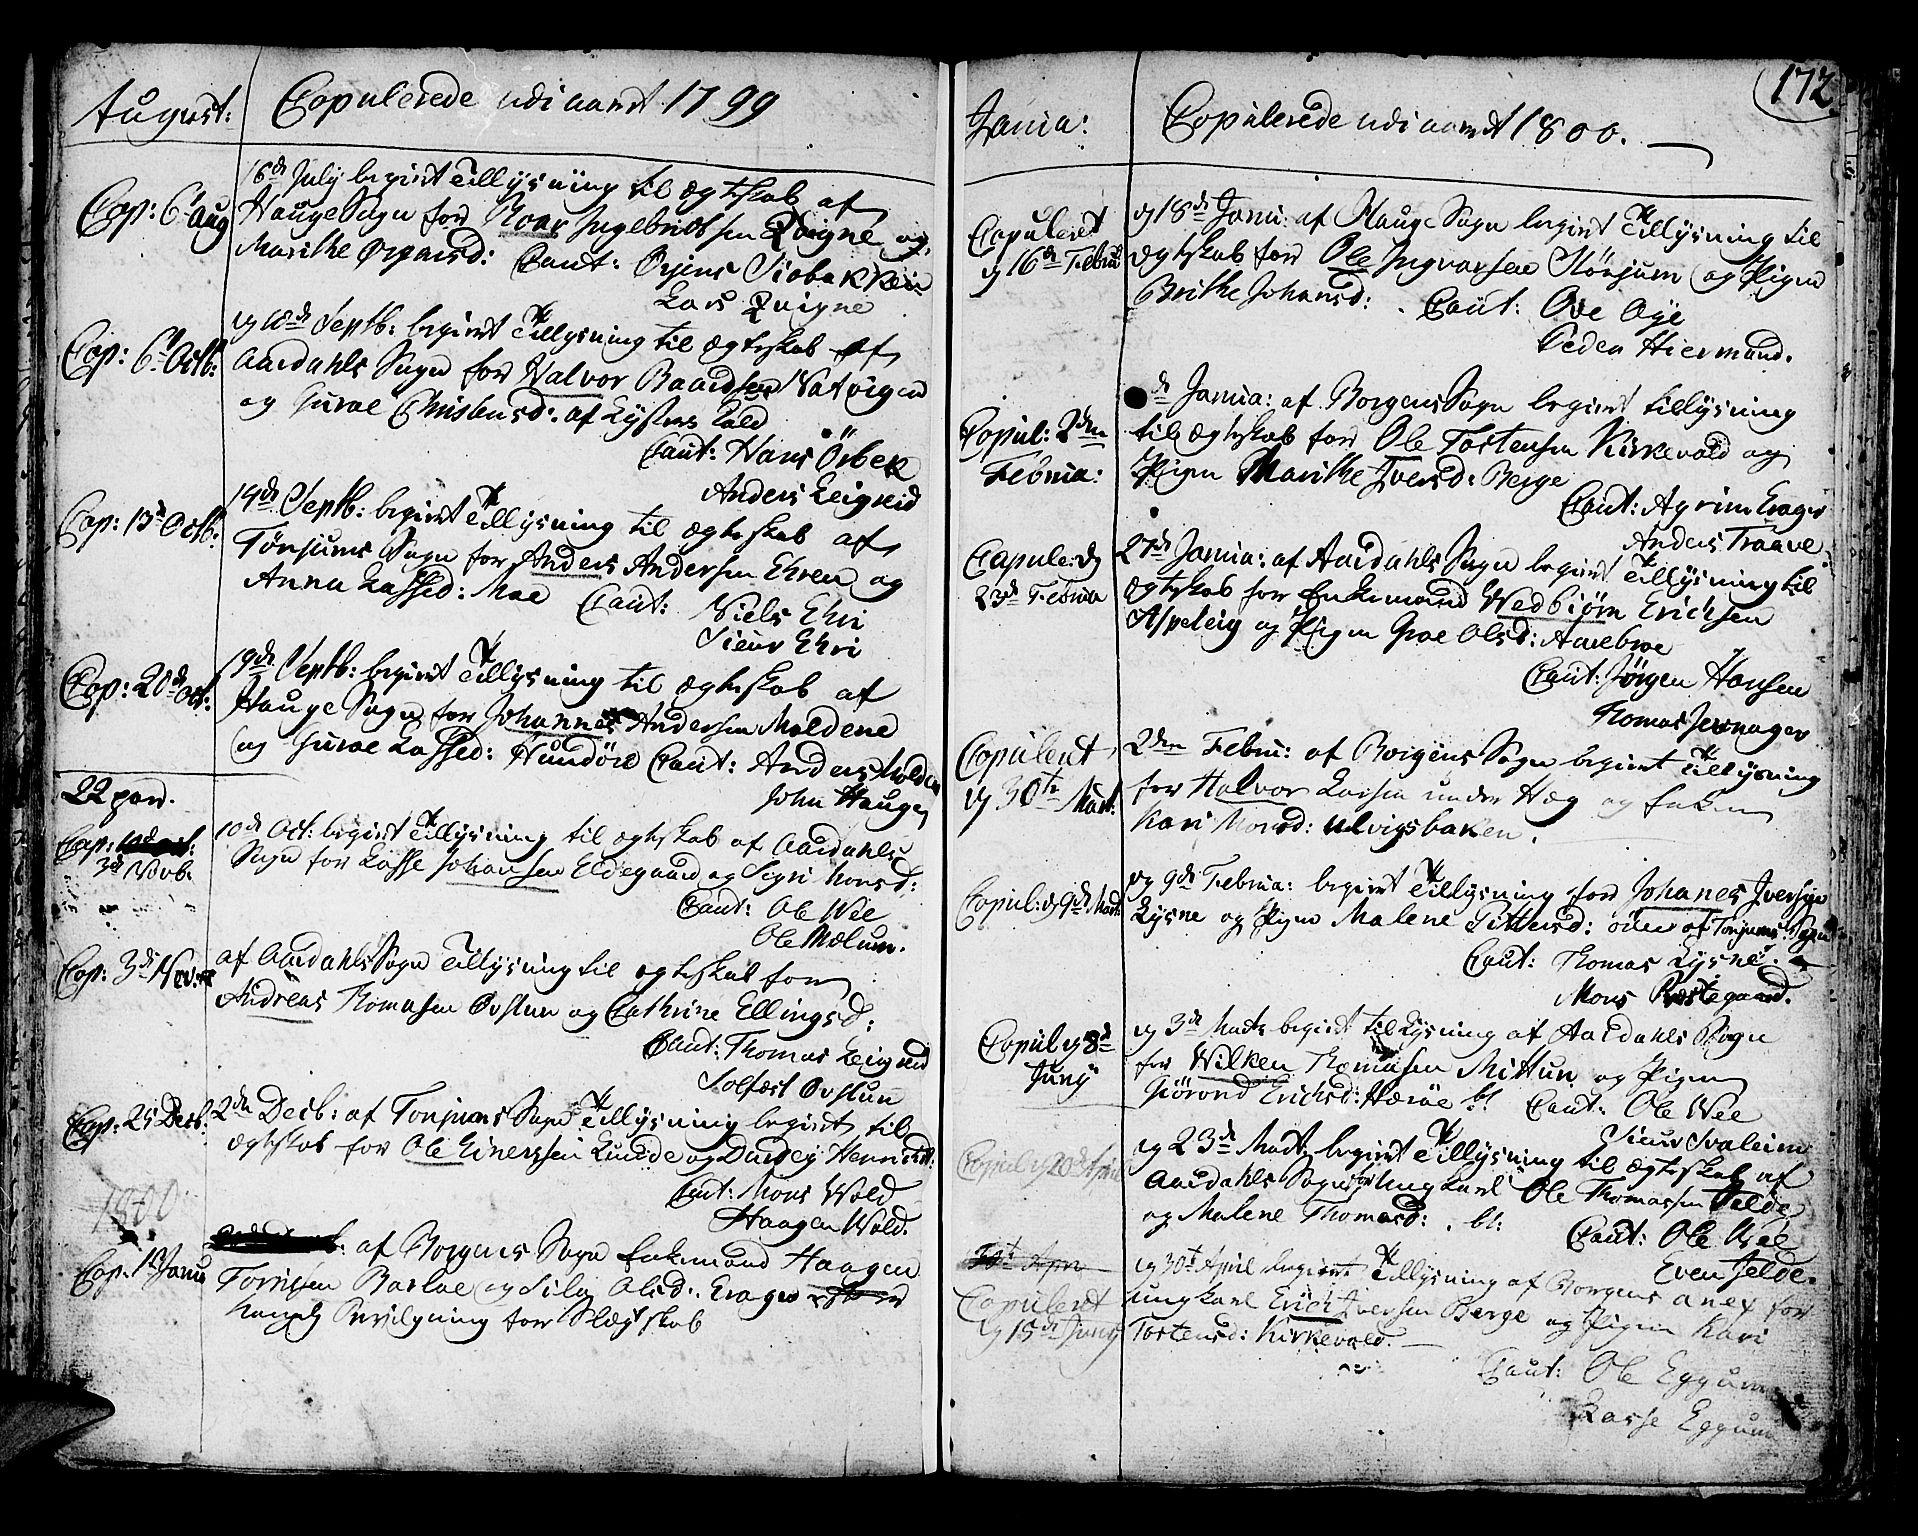 SAB, Lærdal Sokneprestembete, Ministerialbok nr. A 3, 1783-1804, s. 172